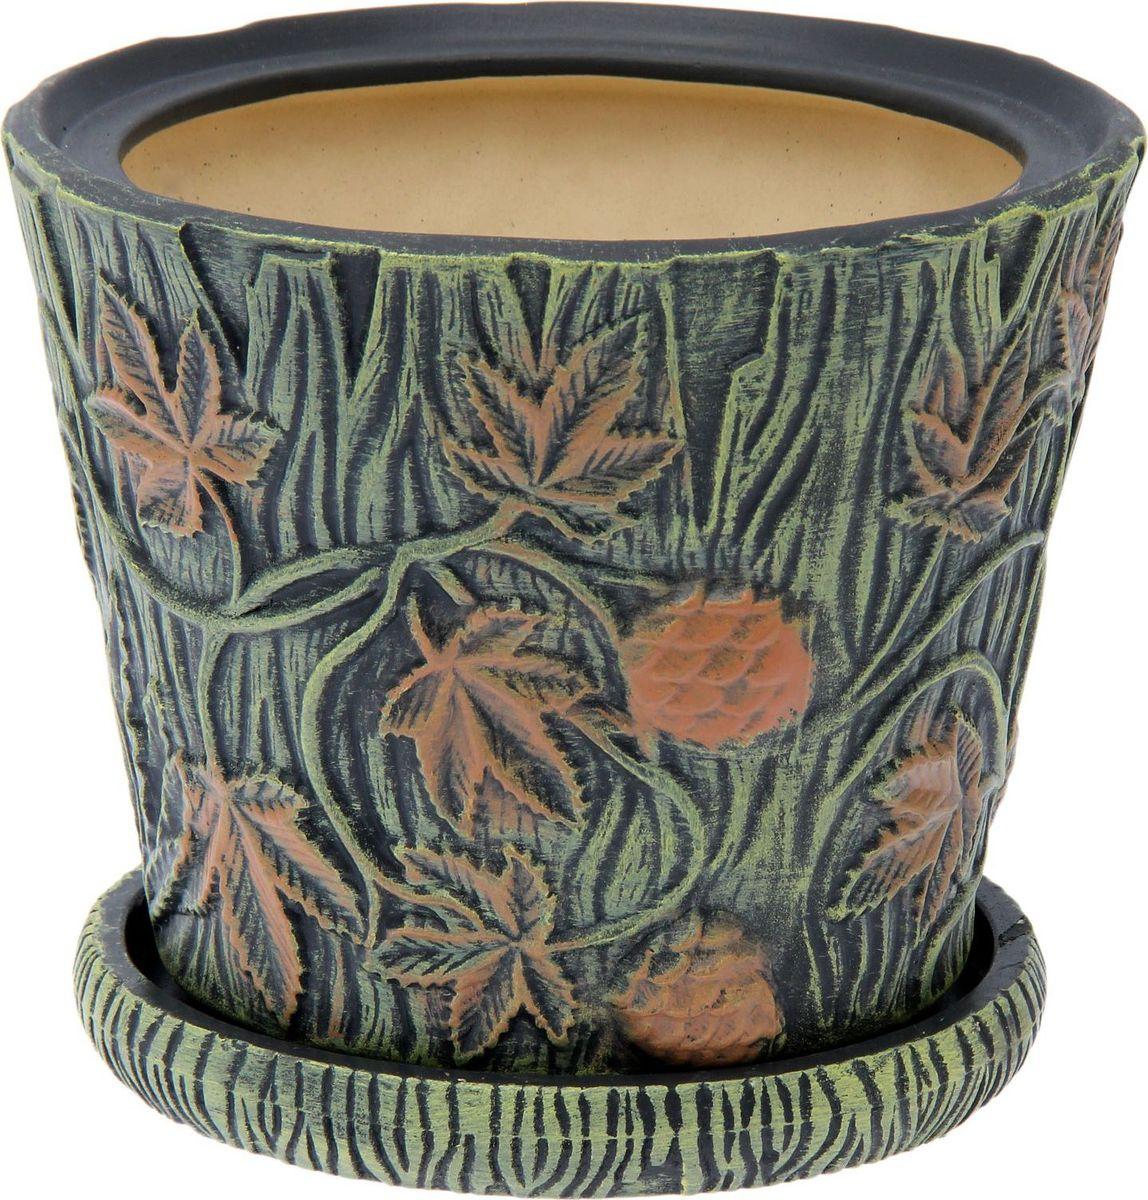 Кашпо Керамика ручной работы Хмель, цвет: зеленый, 3 л1516295Комнатные растения — всеобщие любимцы. Они радуют глаз, насыщают помещение кислородом и украшают пространство. Каждому из них необходим свой удобный и красивый дом. Кашпо из керамики прекрасно подходят для высадки растений: за счёт пластичности глины и разных способов обработки существует великое множество форм и дизайновпористый материал позволяет испаряться лишней влагевоздух, необходимый для дыхания корней, проникает сквозь керамические стенки! #name# позаботится о зелёном питомце, освежит интерьер и подчеркнёт его стиль.